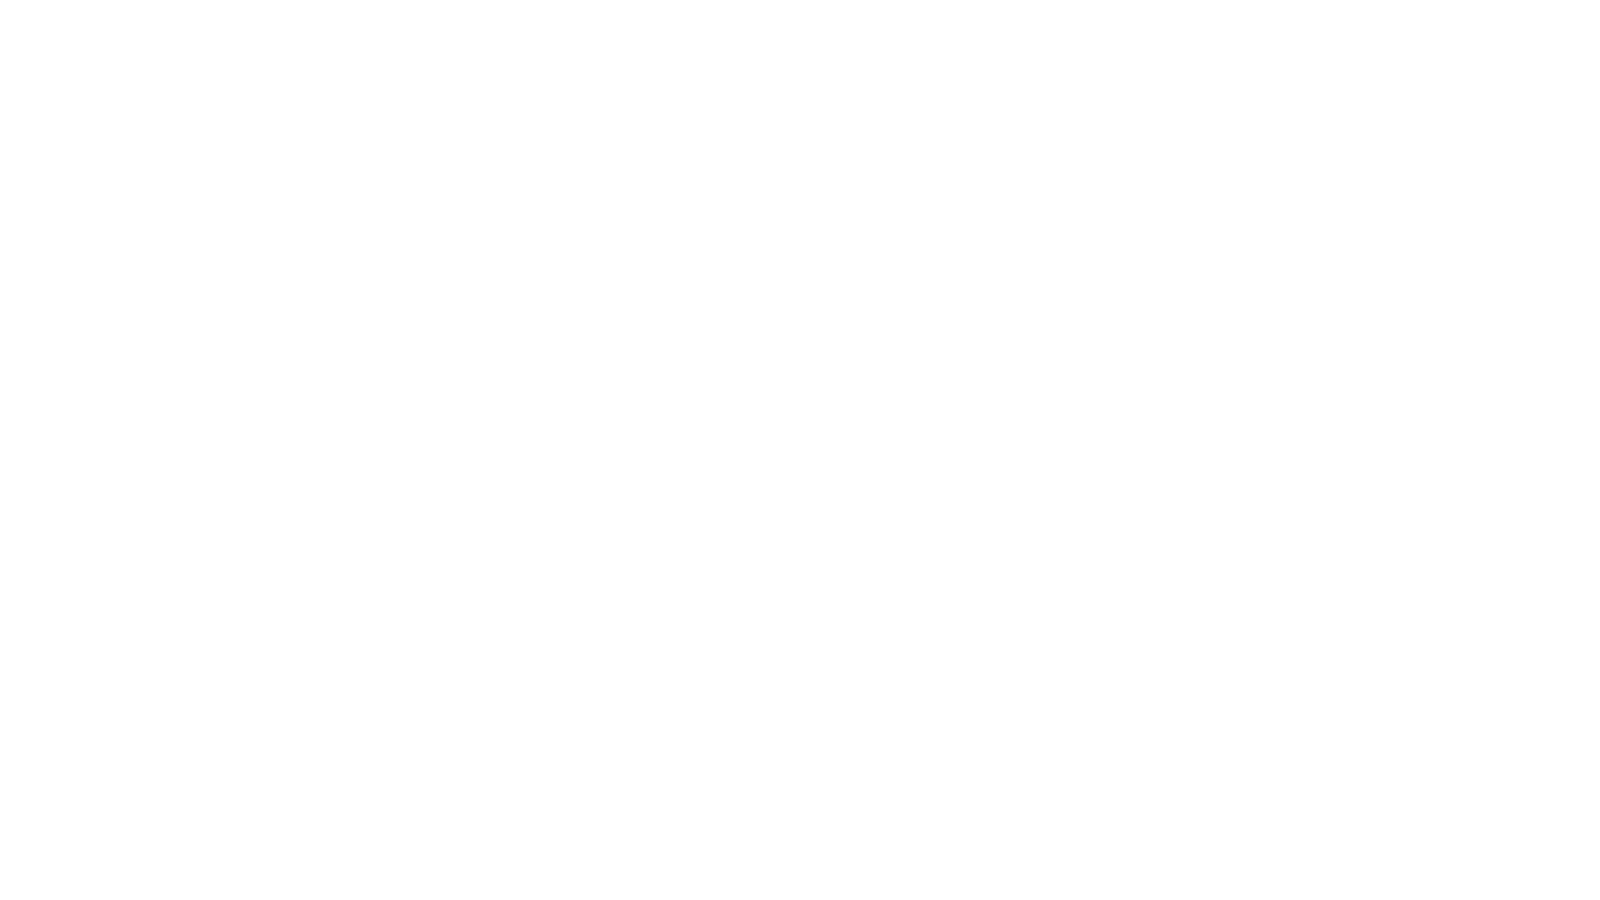 Pheidippides, der bekannteste antike Läufer, ist wieder im Trend. Nicht nur, weil Laufen wieder in ist, sondern weil er sich überwiegend vegetarisch ernährte. Wie die meisten seiner Kollegen vor über 2.000 Jahren, die als Nachrichtenboten oftmals Strecken von mehr als 200 km zurückzulegen hatten. Der laufende Grieche, der geschätzt 50 kg wog und damit auf den ca. 480 km von Athen nach Sparta und zurück ca. 28.000 kcal verbrauchte, versorgte sich überwiegend mit getrockneten Feigen.   Auch wenn die Griechen und Römer zunächst auf vegetarische Lebensmittel setzten, um ihre sportliche Leistung zu steigern, griffen sie bereits hundert Jahre später gern zu Fleisch. Kräutertees und Pilze sollten ihnen einen weiteren Leistungsschub bringen, während in Südamerika zur selben Zeit Tee, Kaffee und Coca als Stoffwechselbooster für lange Distanzen herhalten mussten.